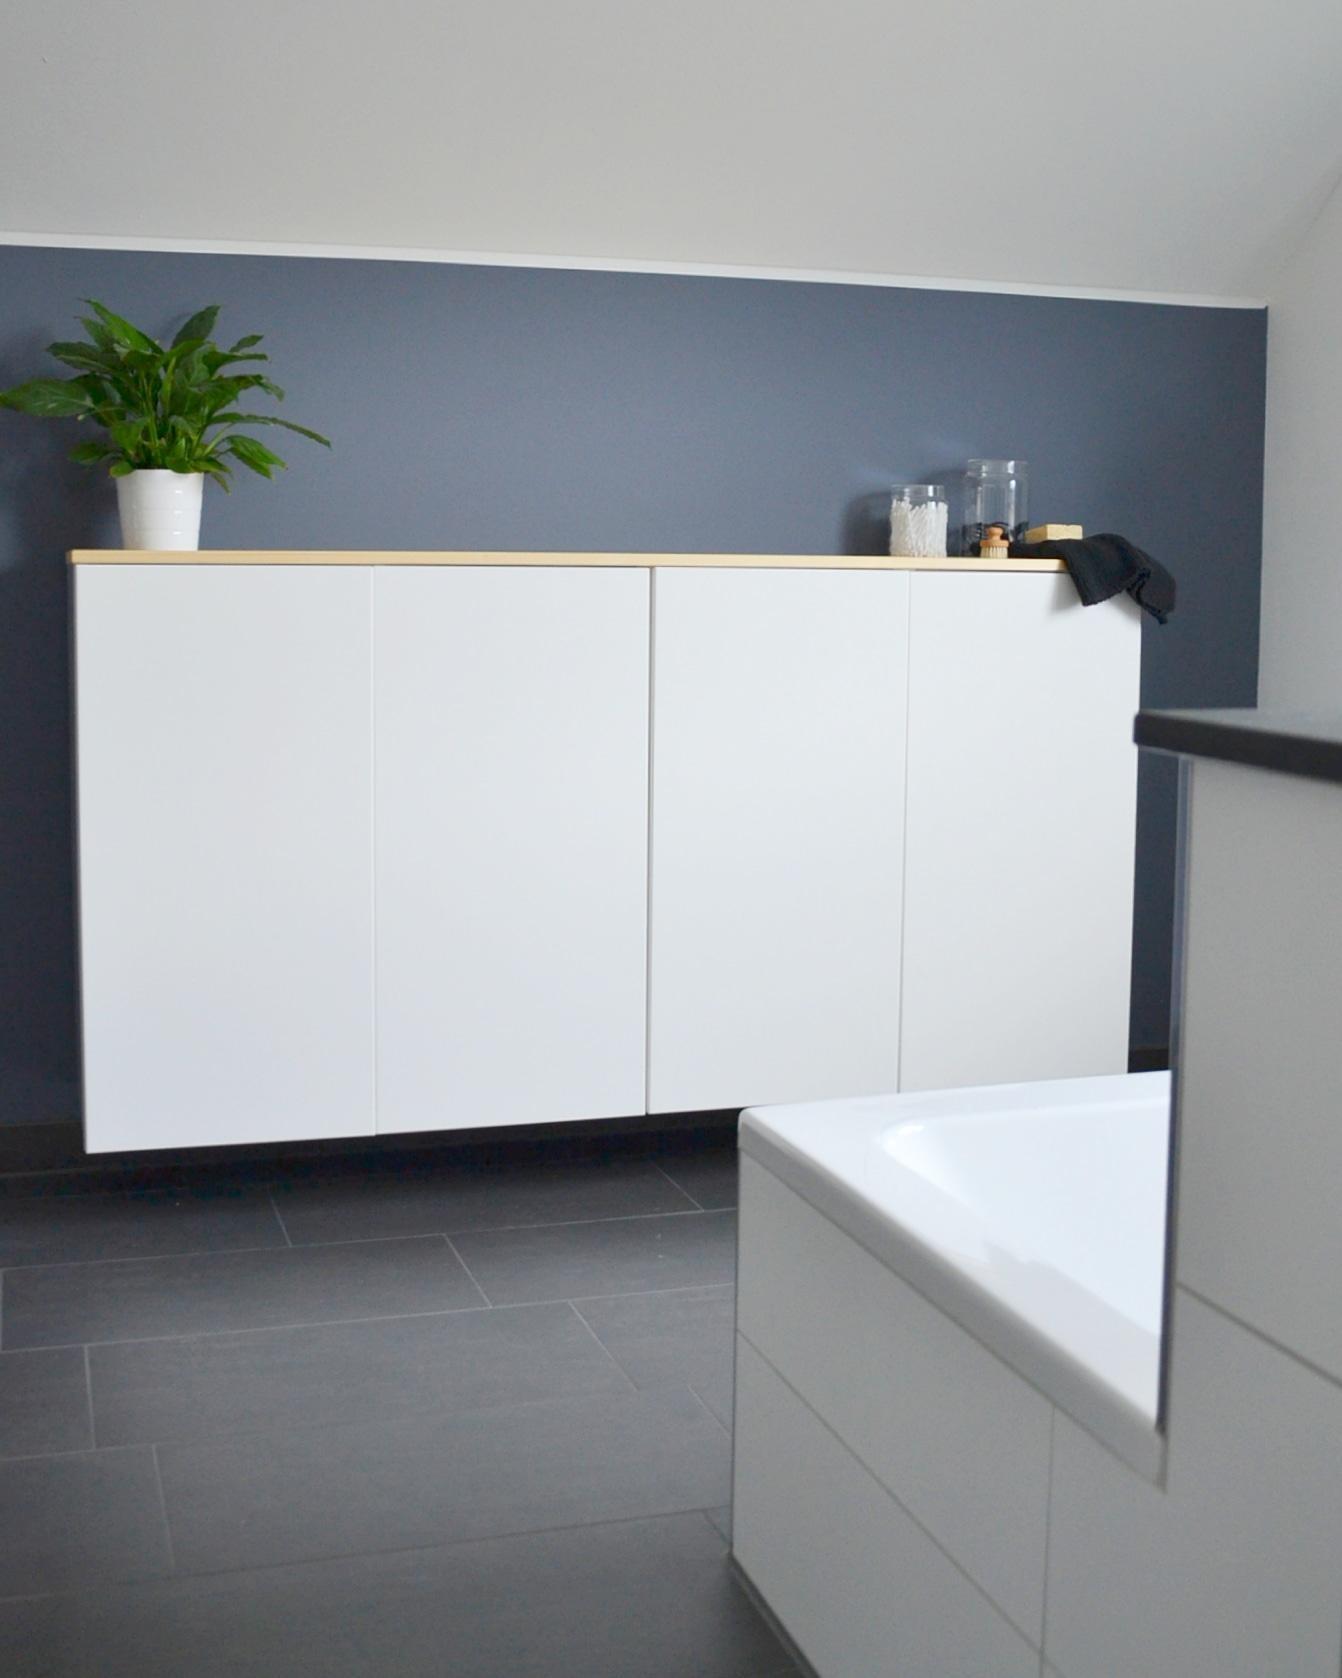 Stauraum im Bad aus Ikea Küchenoberschränken #diywee...